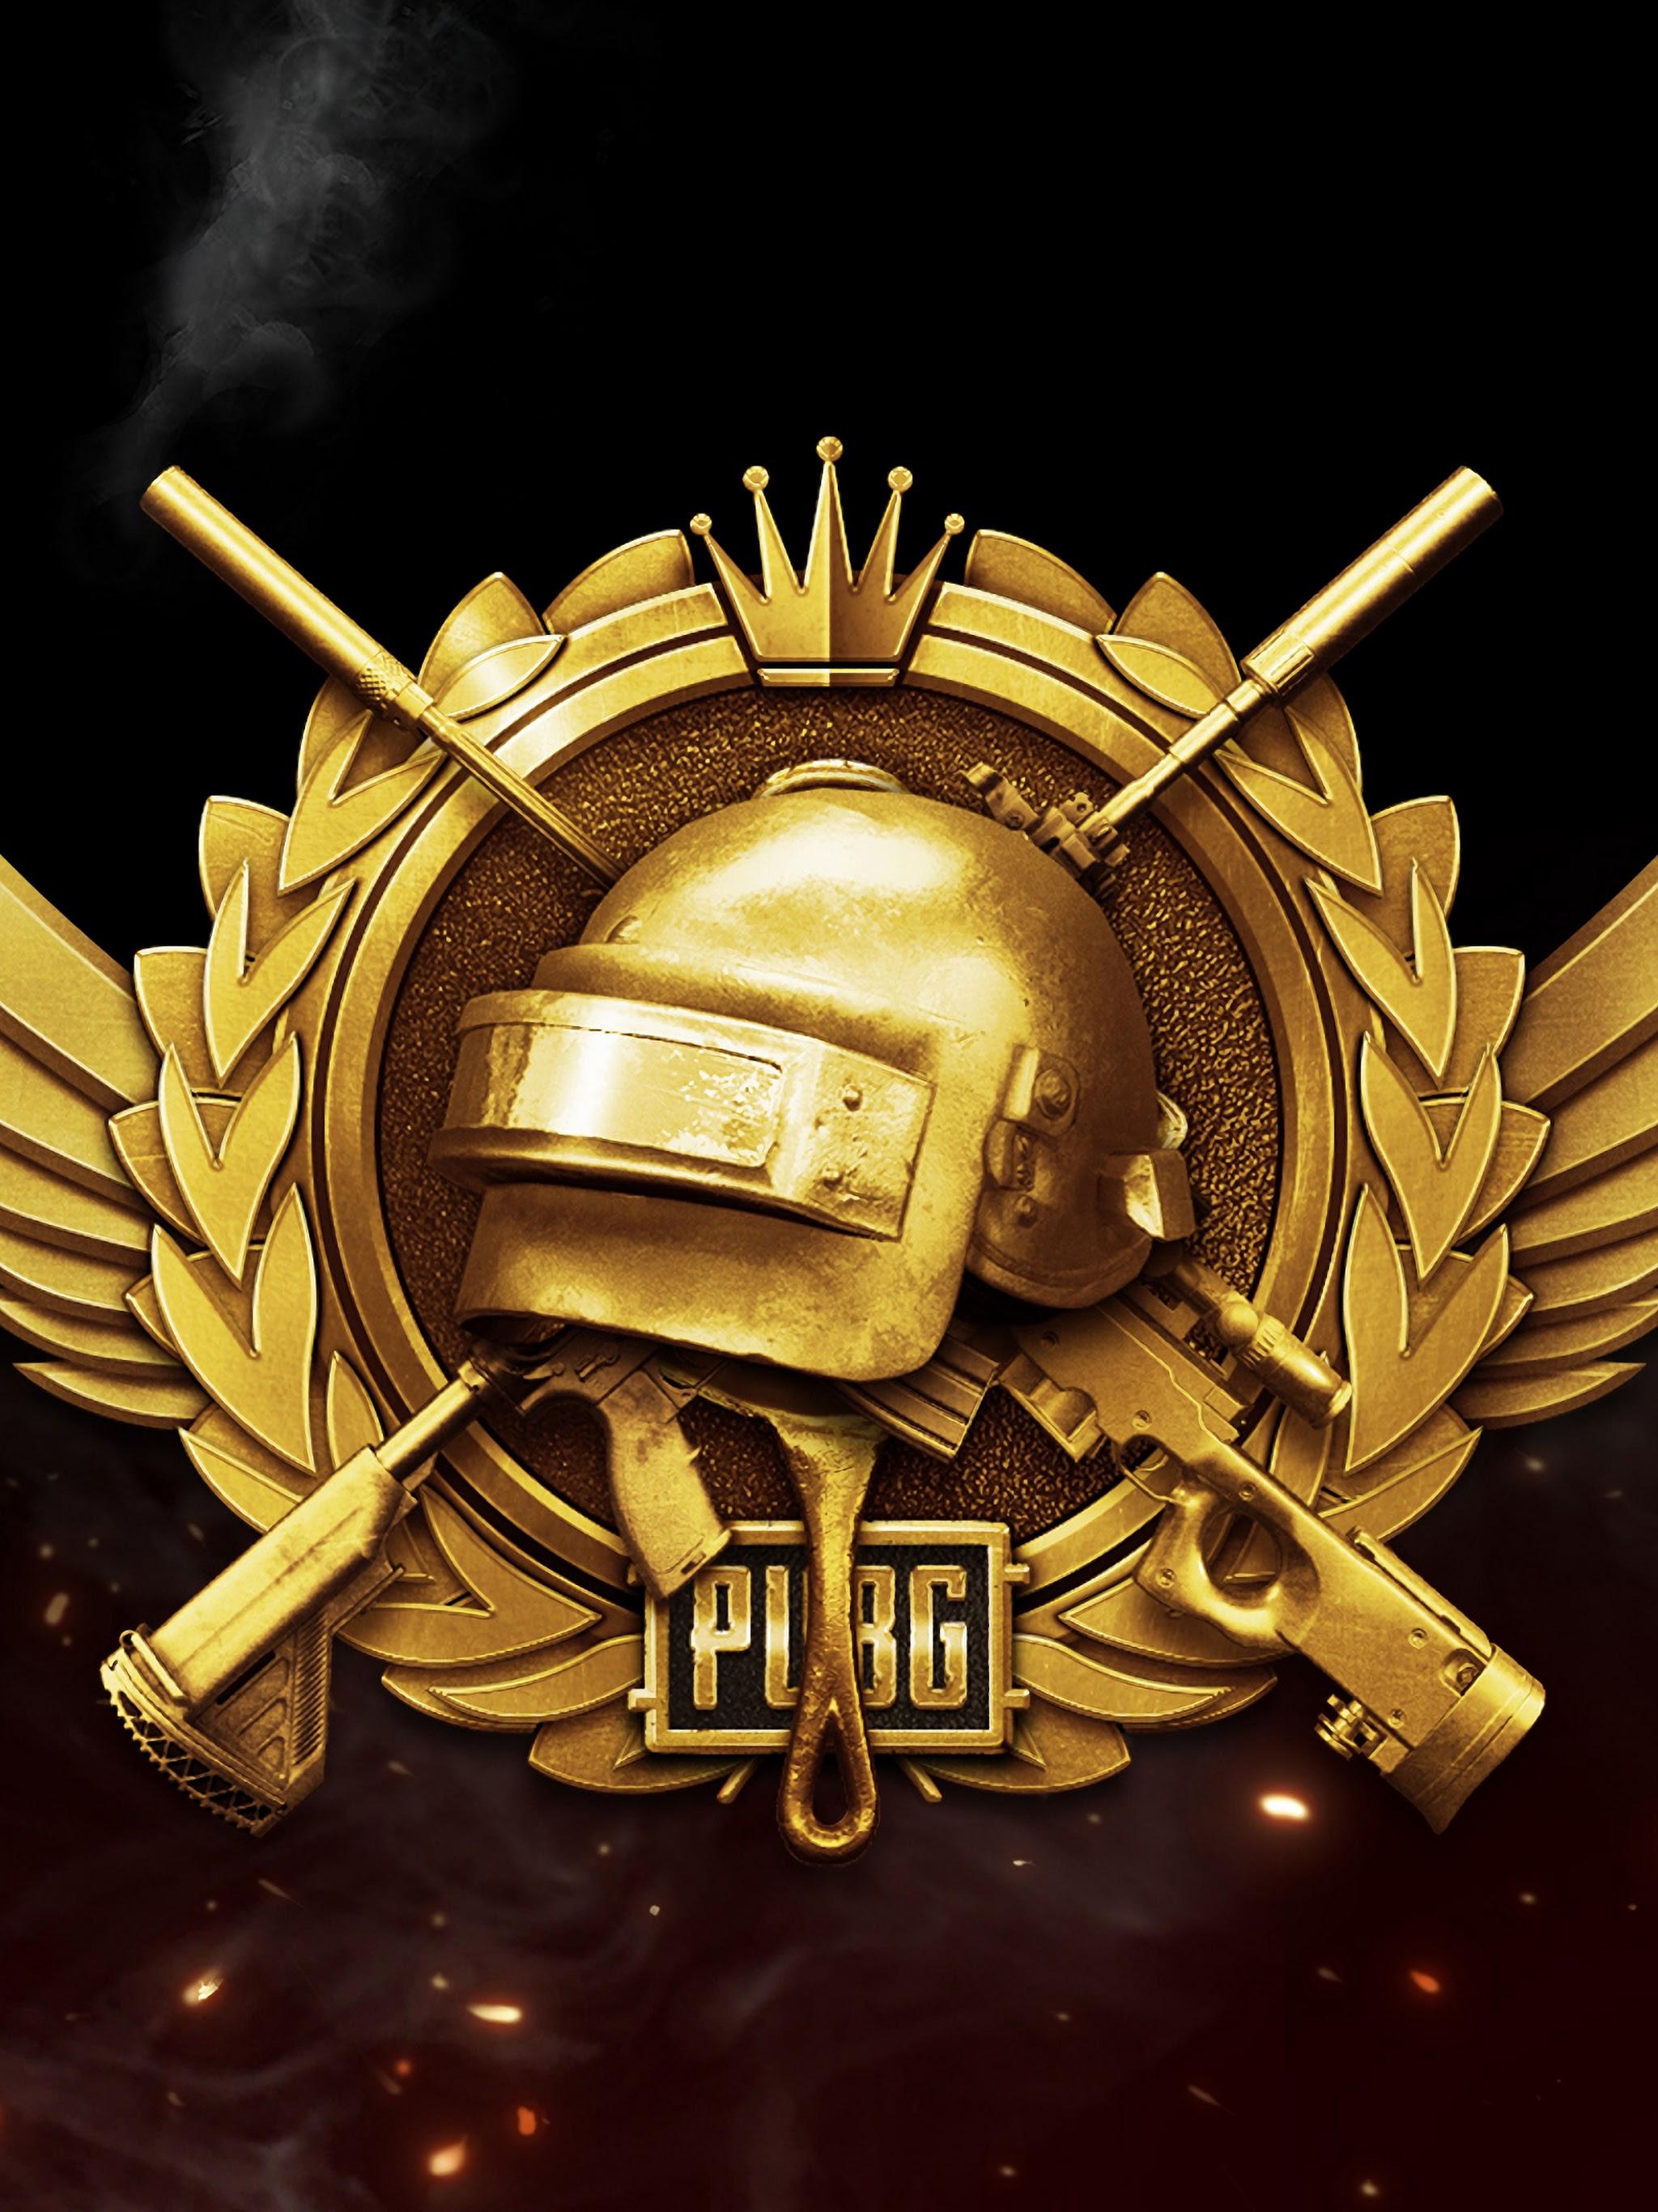 Pubg Lone Survivor Rank Logo Playerunknown S Battlegrounds 4k